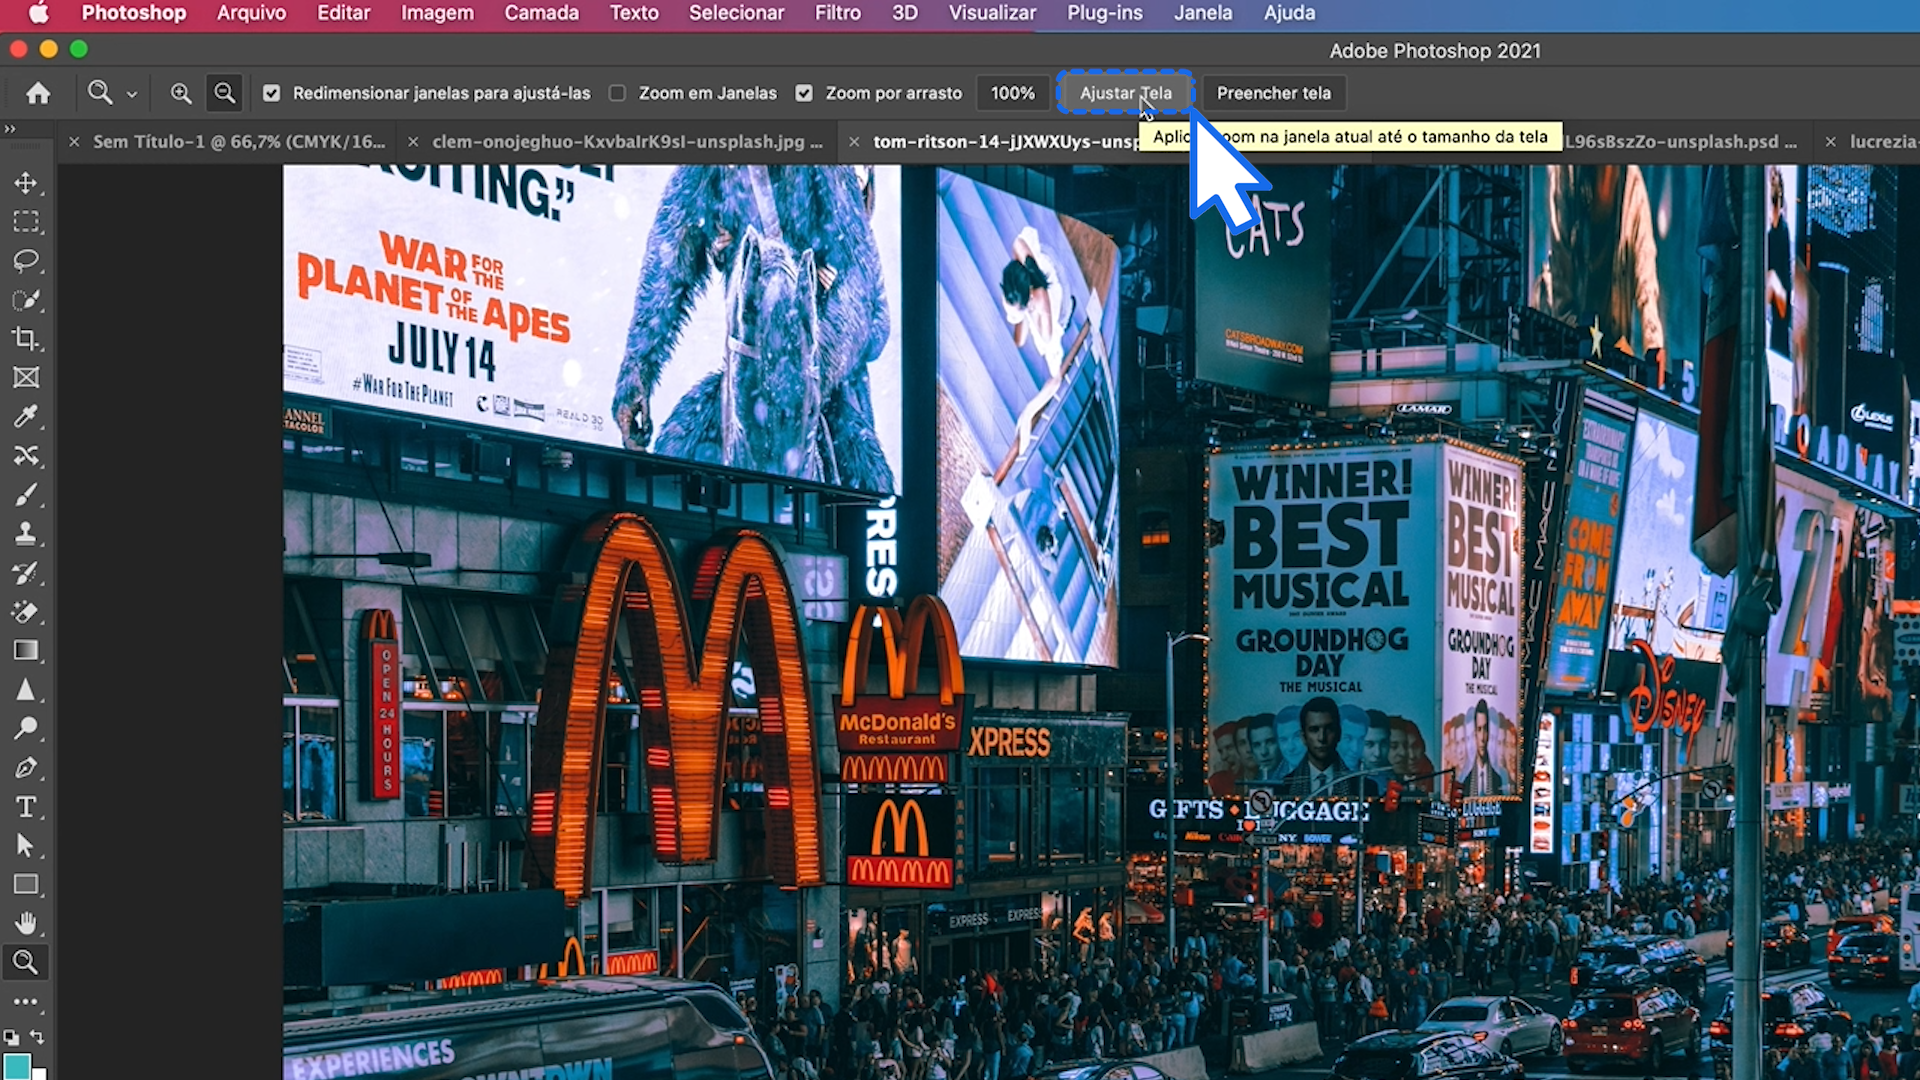 Como ajustar a imagem na tela do Photoshop